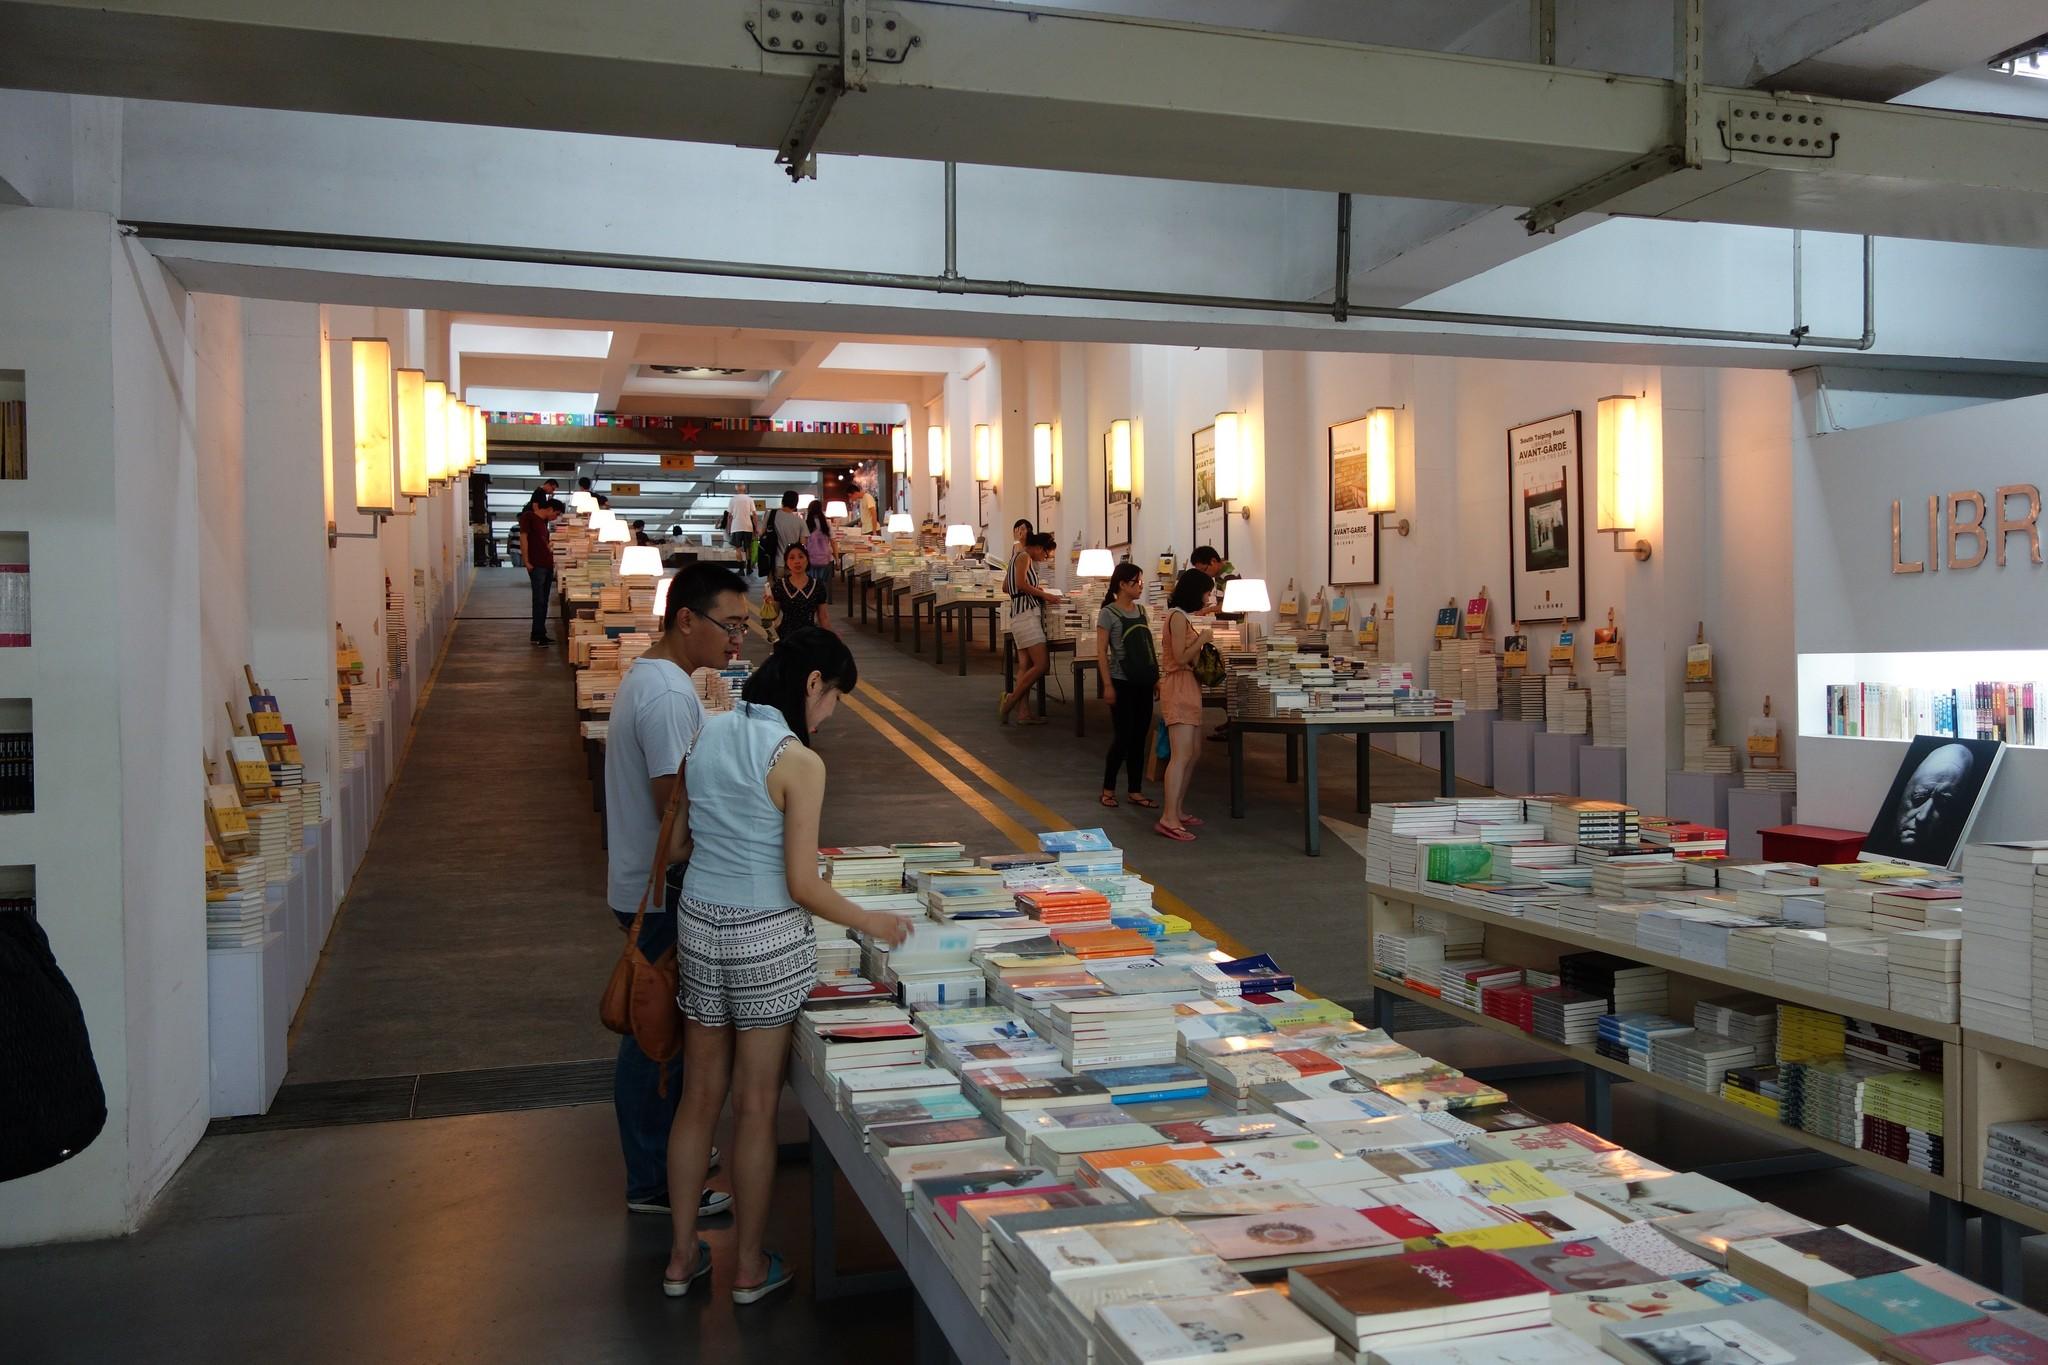 Librairie Avant-Garde - Nanjing, China (Foto: Reprodução)